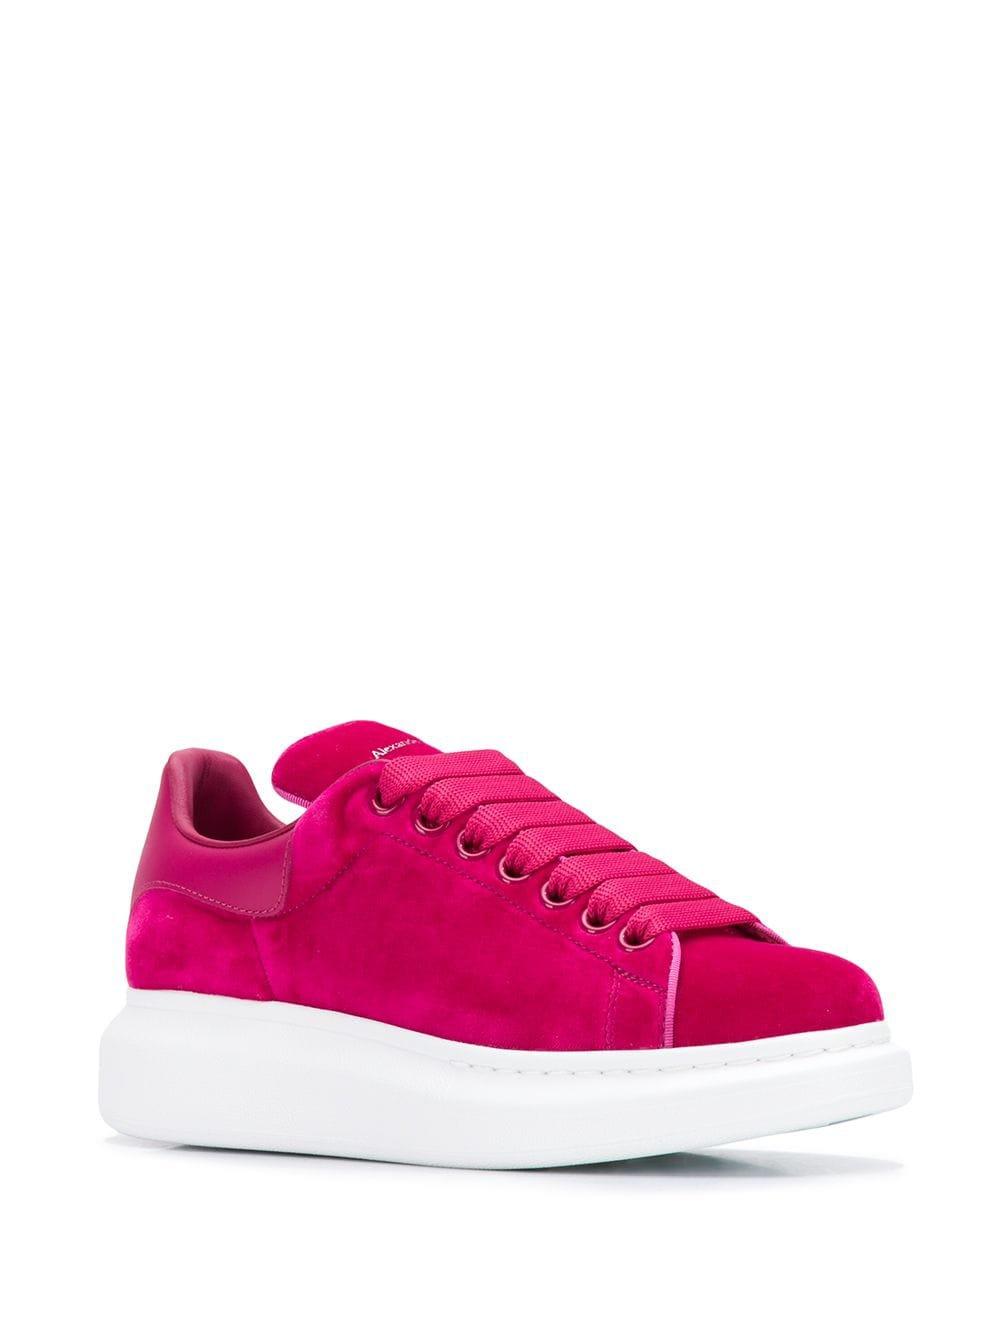 Alexander McQueen Oversized Sneakers - Farfetch